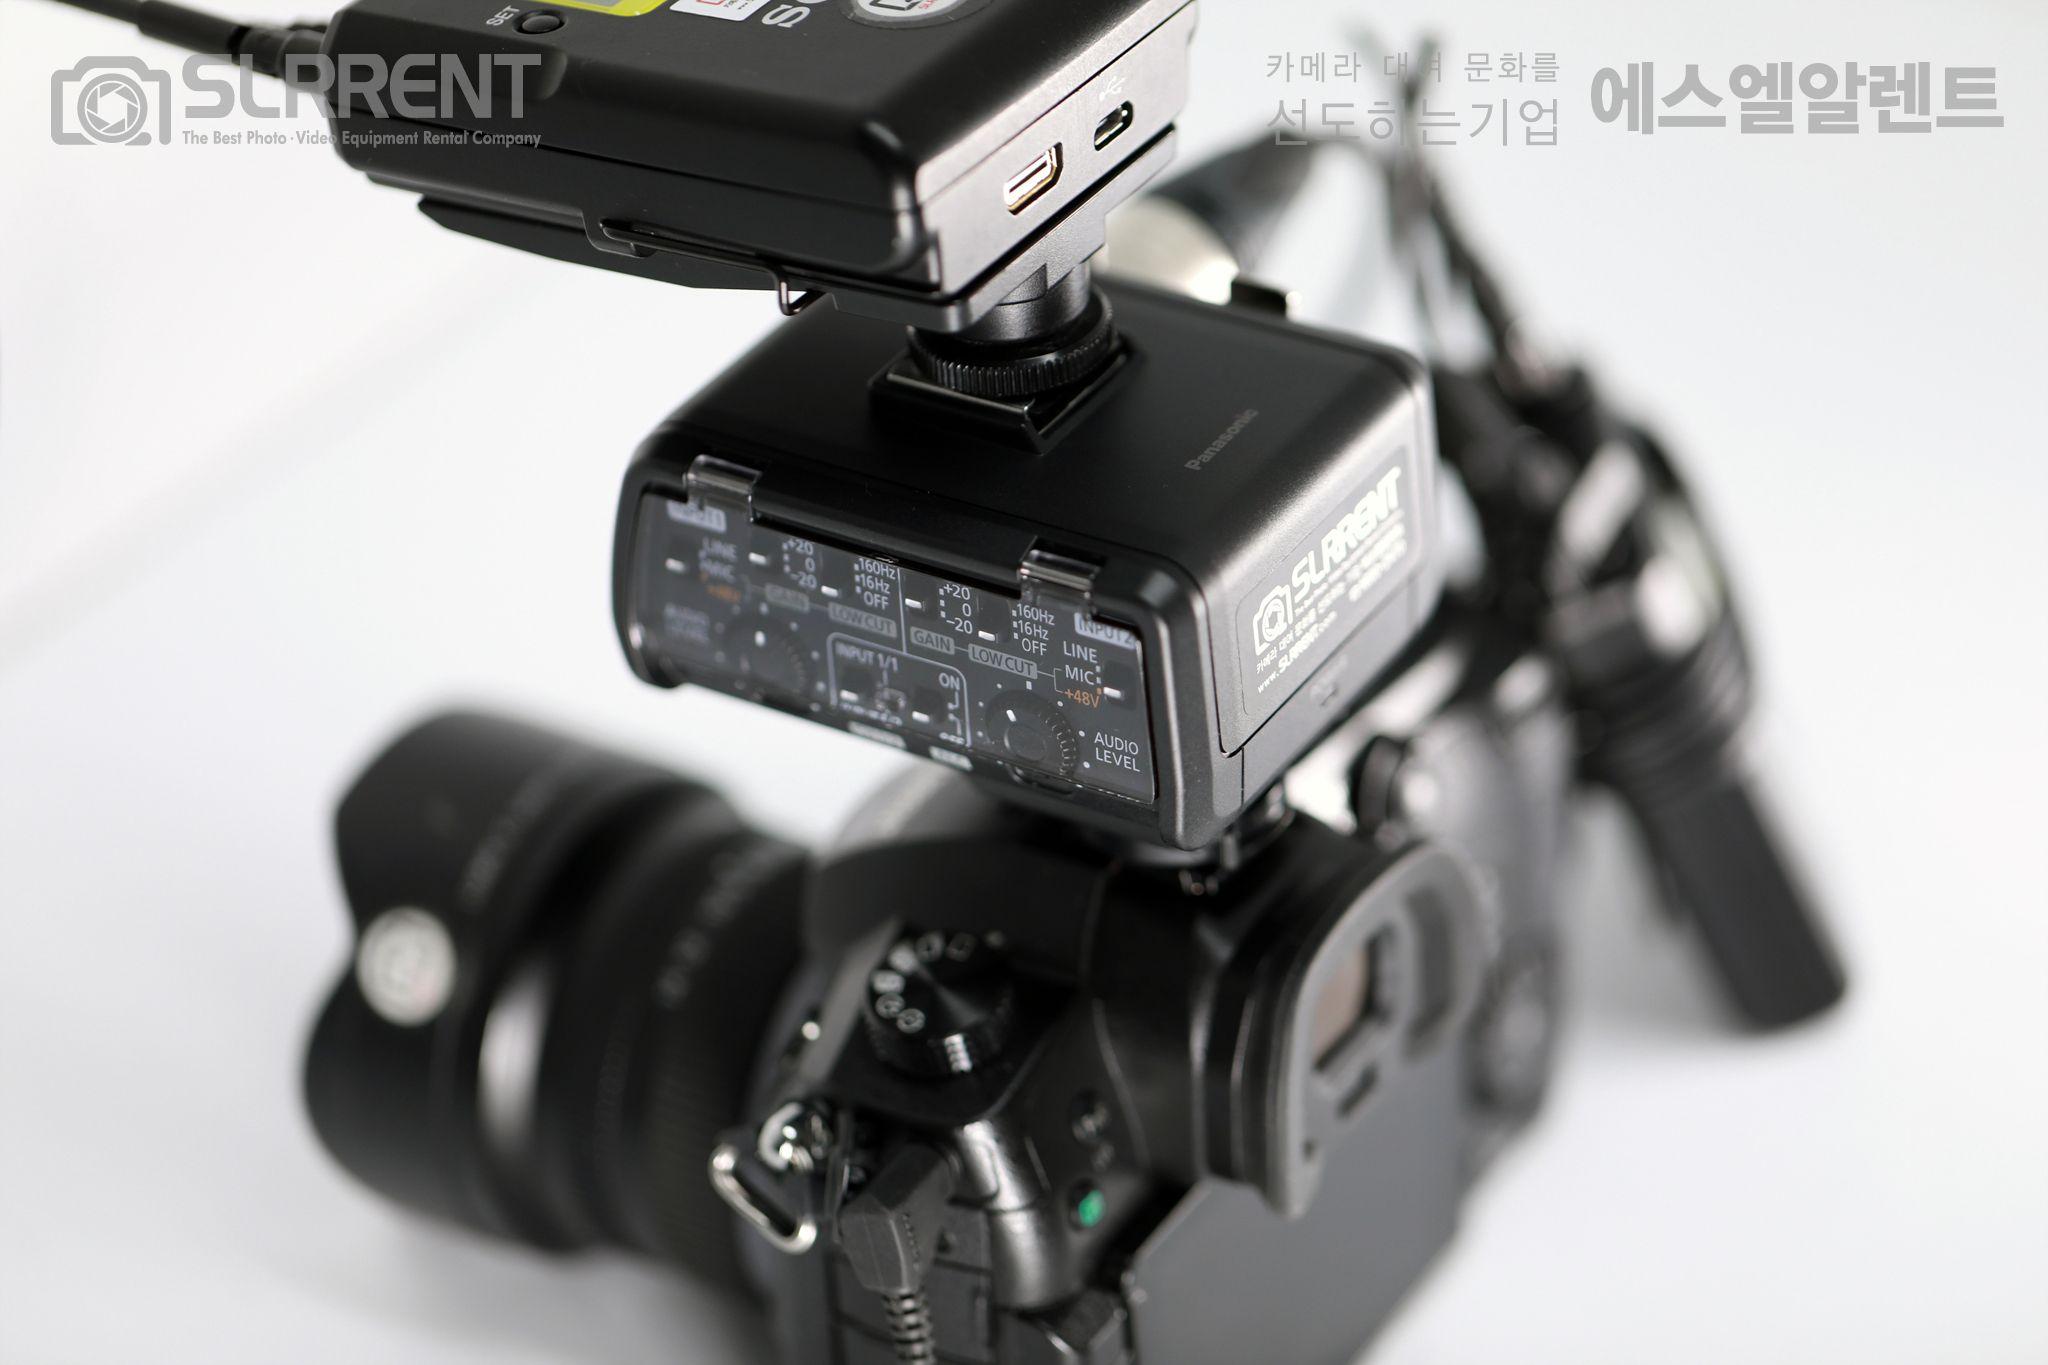 ✔Panasonic DMW-XLR1 입고! 고음질의 오디오 녹음을 위한 파나소닉 GH5용 XLR 어댑터! 카메라 본체 윗부분에 위치한 슈 커넥터에 장착을 하면 별도의 케이블 없이  마이크 전원 공급과 카메라에 마이크 오디오 입력이 가능합니다.  지금 에스엘알렌트에서 만나보세요 :)  Panasonic DMW-XLR1  24 Hours 10,000원 / Halfday 5,000원 https://goo.gl/7DYuAj  ✔Panasonic DMW-XLR1 Adapter SPECS -Connects to DC-GH5 through Hot Shoe -Provides Two XLR Audio Inputs -Control Panel with Clear Cover -Physical Switches & Dials -Recording at up to 96 kHz & 24-Bit